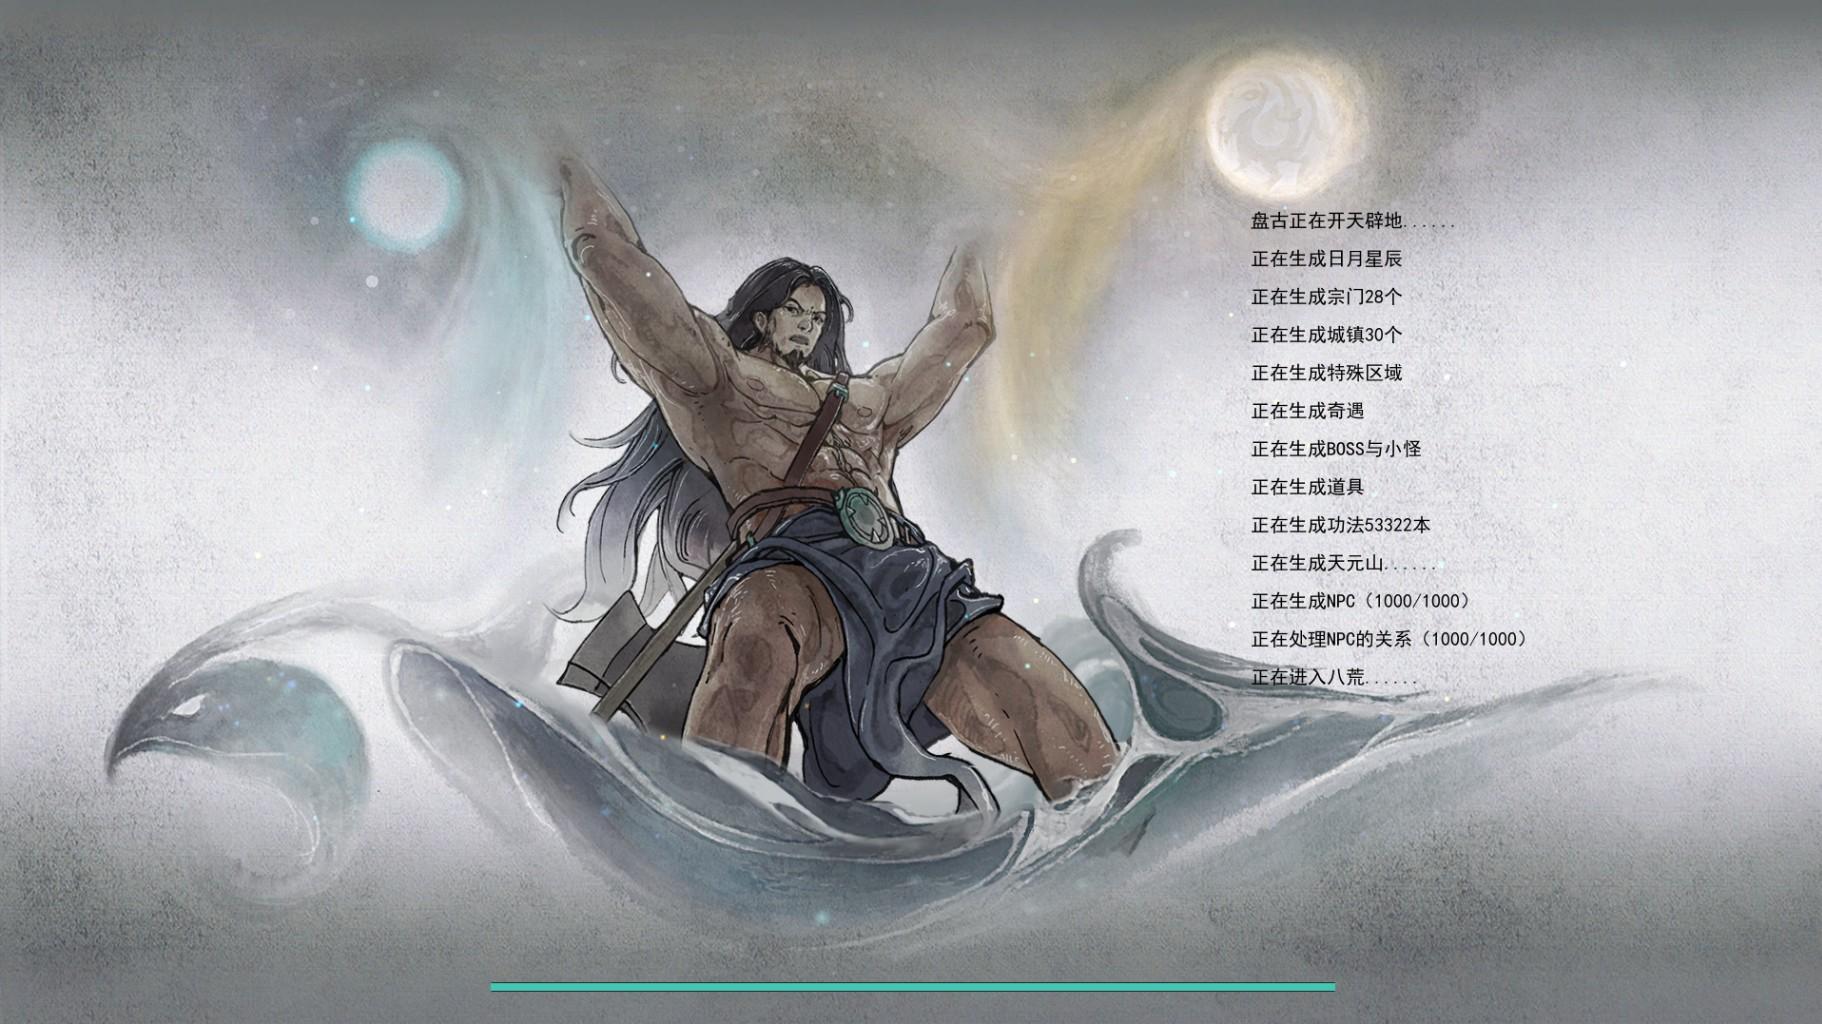 鬼谷八荒 官方高清截图(7)